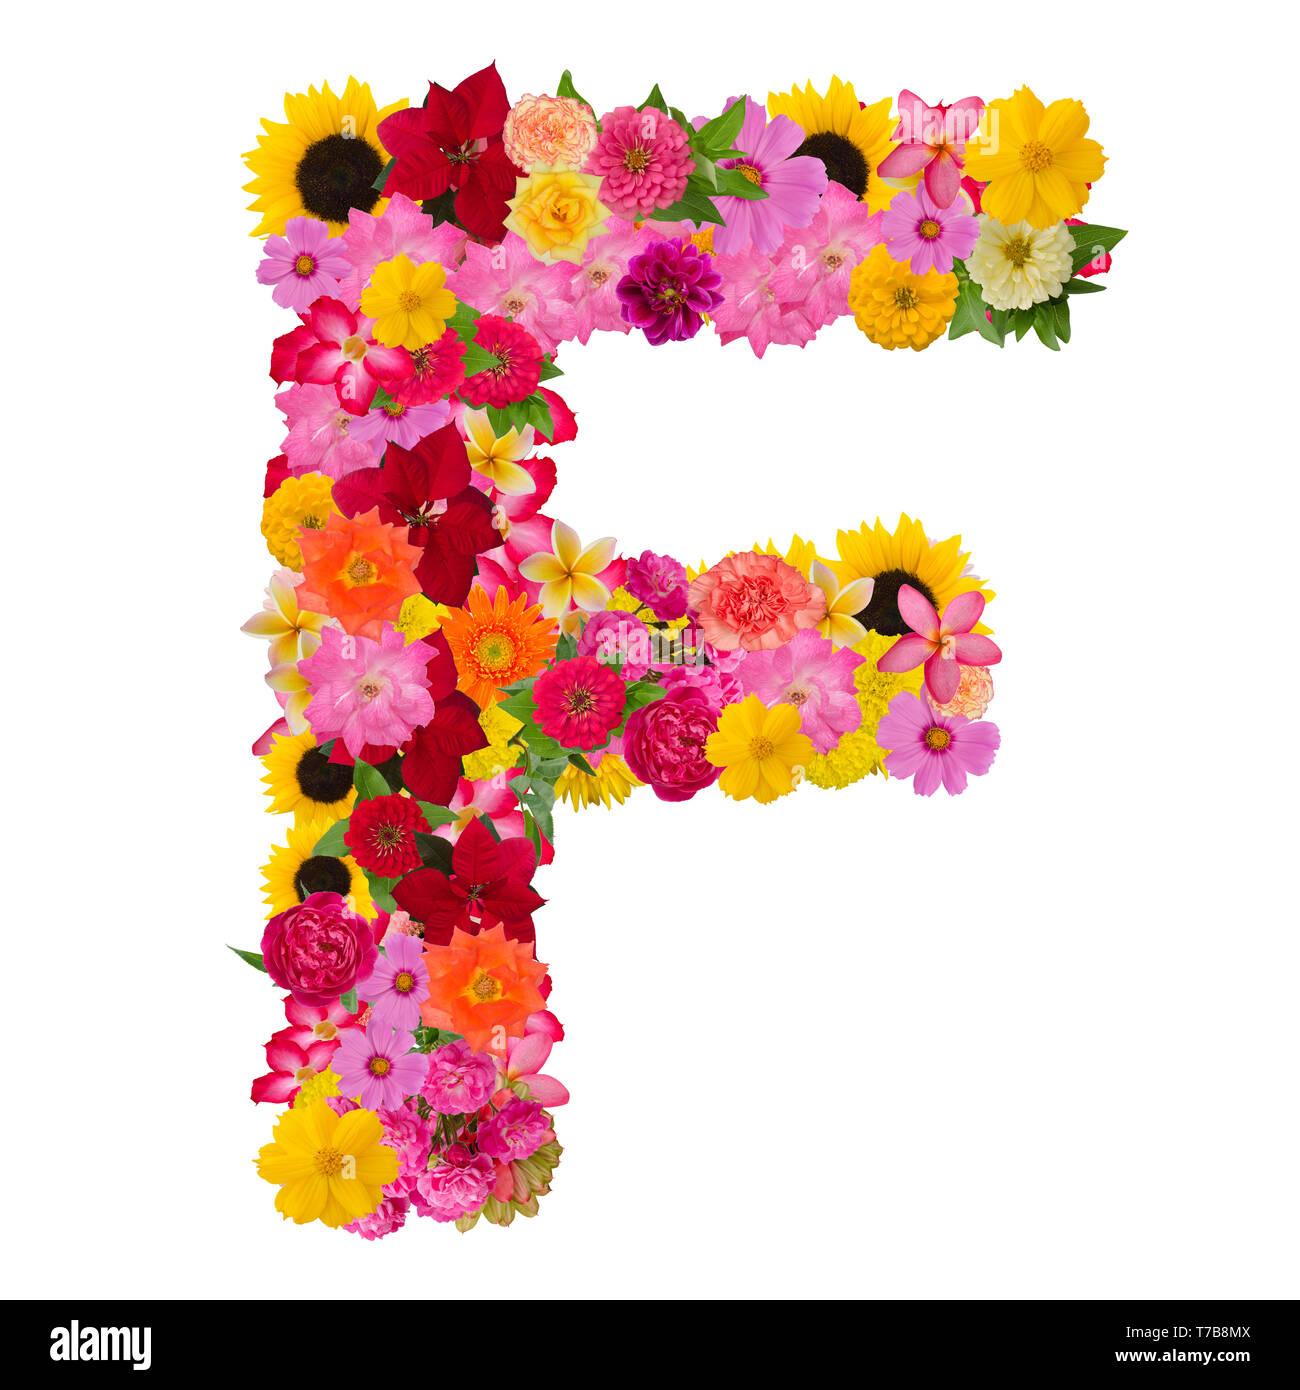 Fiori Con La F.Lettera F Alfabeto Con Fiore Abc Tipo Di Concetto Come Isolato Del